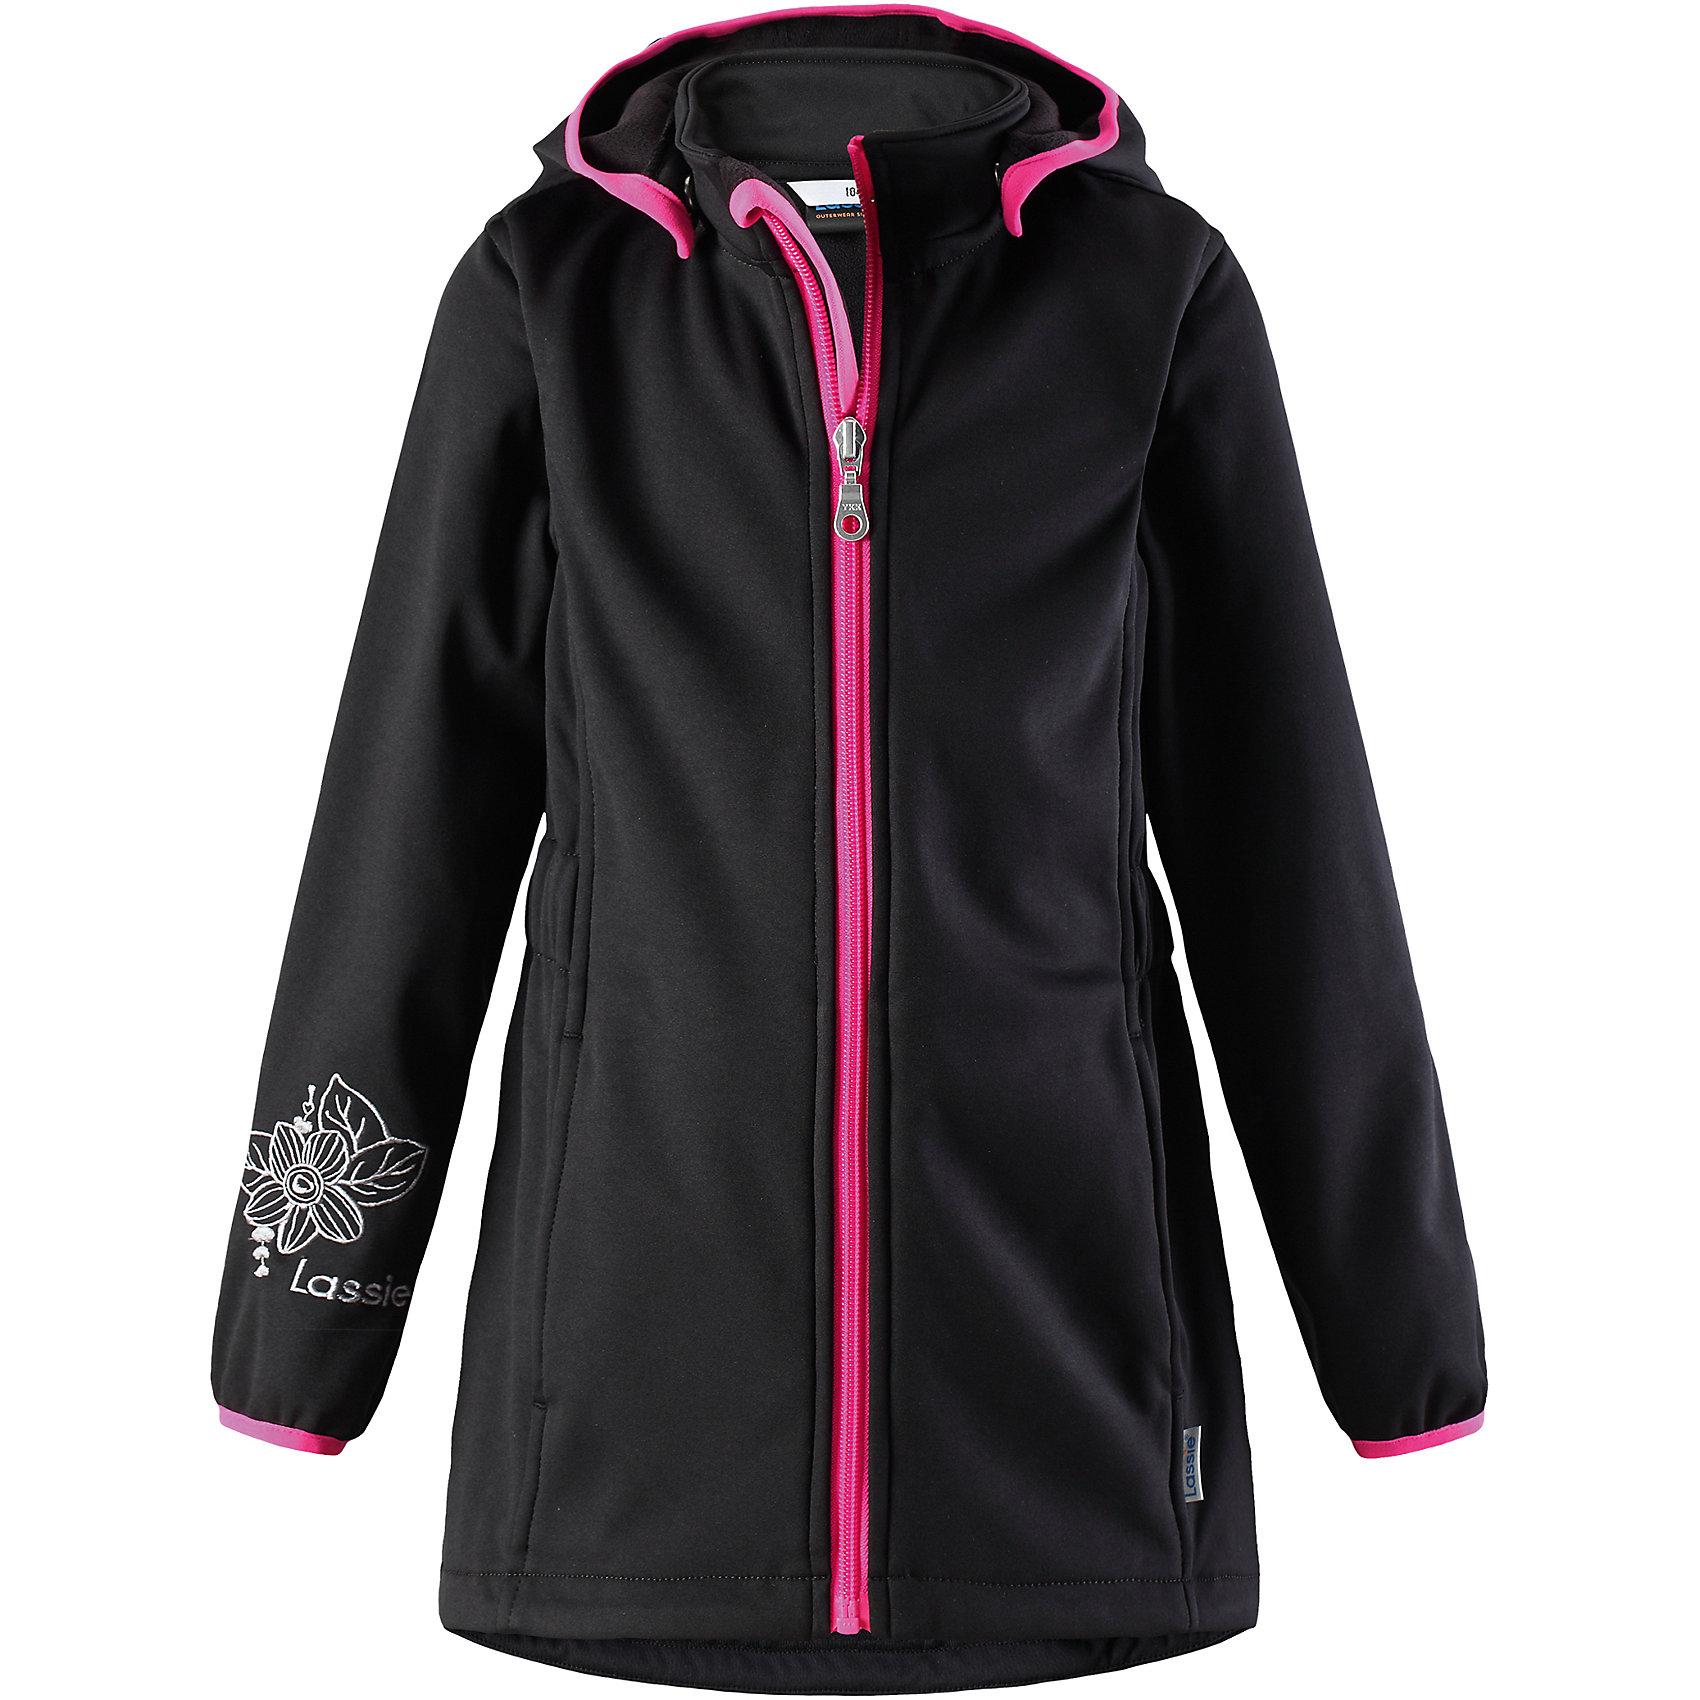 Куртка Lassie для девочкиОдежда<br>Характеристики товара:<br><br>• цвет: черный;<br>• состав: 100% полиэстер, полиуретановое покрытие;<br>• подкладка: 100% полиэстер, флис;<br>• без утеплителя;<br>• сезон: демисезон;<br>• температурный режим: от +5С;<br>• водонепроницаемость: 5000 мм;<br>• воздухопроницаемость: 5000 мм;<br>• застежка: молния с защитой подбородка;<br>• из ветронепроницаемого материала, но изделие дышит;<br>• подкладка из теплого флиса;<br>• безопасный съемный капюшон; <br>• эластичная талия и манжеты рукавов;<br>• эластичная резинка на кромке капюшона;<br>• карманы в боковых швах;<br>• светоотражающие детали;<br>• страна бренда: Финляндия;<br>• страна изготовитель: Китай;<br><br>Замечательная куртка для осенней поры! Верх из материала softshell не пропускает ветер, но при этом дышит, а флисовая изнаночная сторона отлично греет. Съемный капюшон безопасен во время игр на свежем воздухе. Два прорезных кармана надежно сохранят все маленькие сокровища.<br><br>Куртку Lassie (Ласси) для девочки можно купить в нашем интернет-магазине.<br><br>Ширина мм: 356<br>Глубина мм: 10<br>Высота мм: 245<br>Вес г: 519<br>Цвет: черный<br>Возраст от месяцев: 108<br>Возраст до месяцев: 120<br>Пол: Женский<br>Возраст: Детский<br>Размер: 140,104,110,116,122,128,134<br>SKU: 6927463